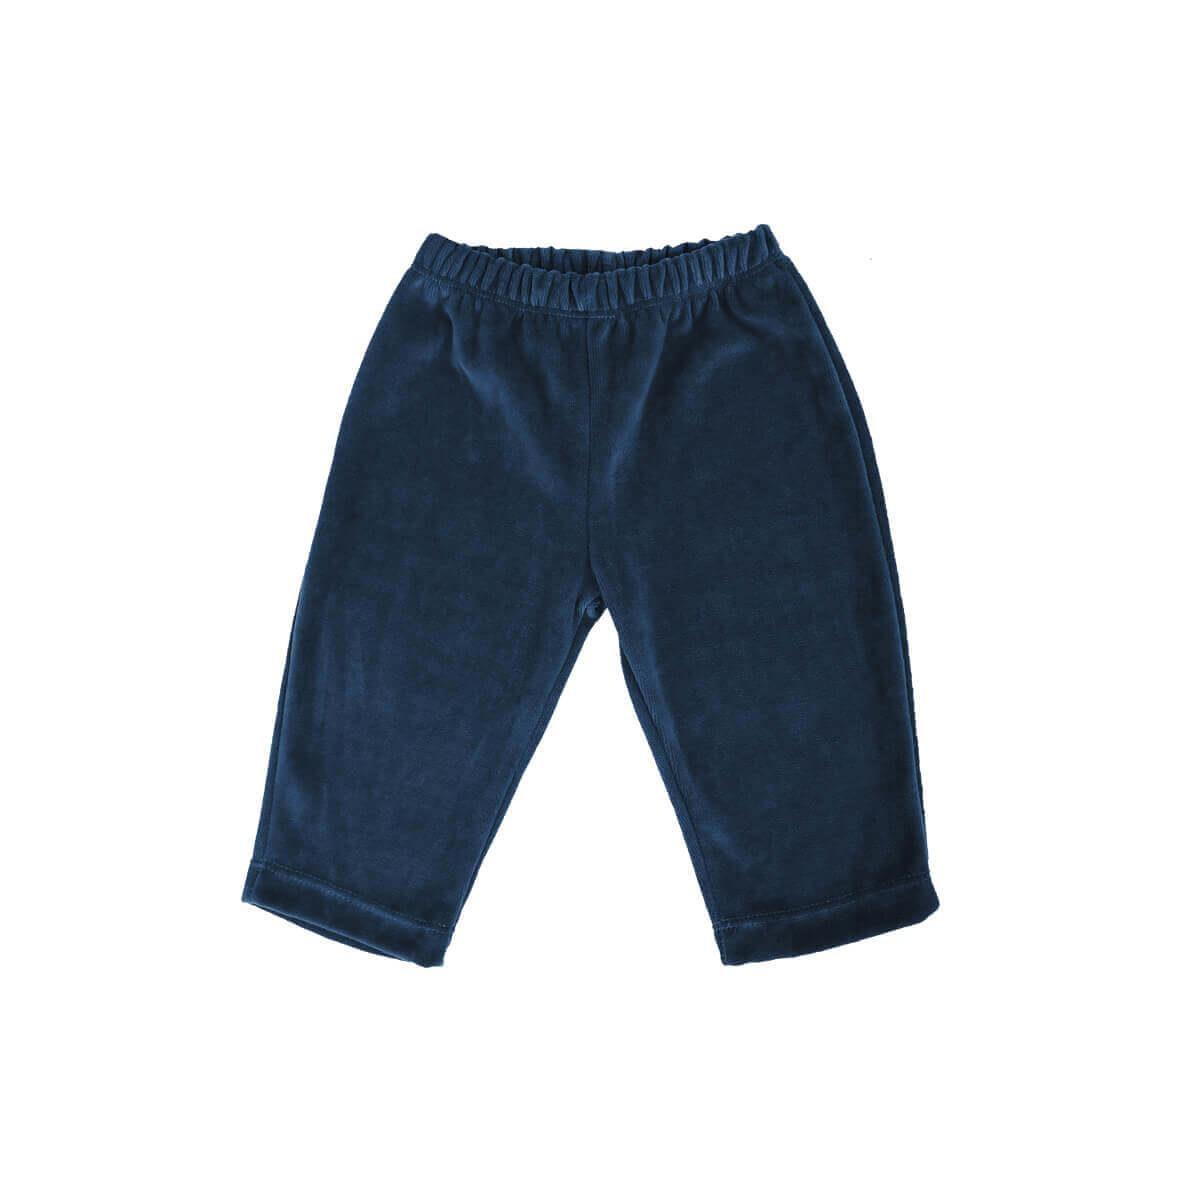 Calça Plush 1 ao 3 Azul Denim  - Piu Blu